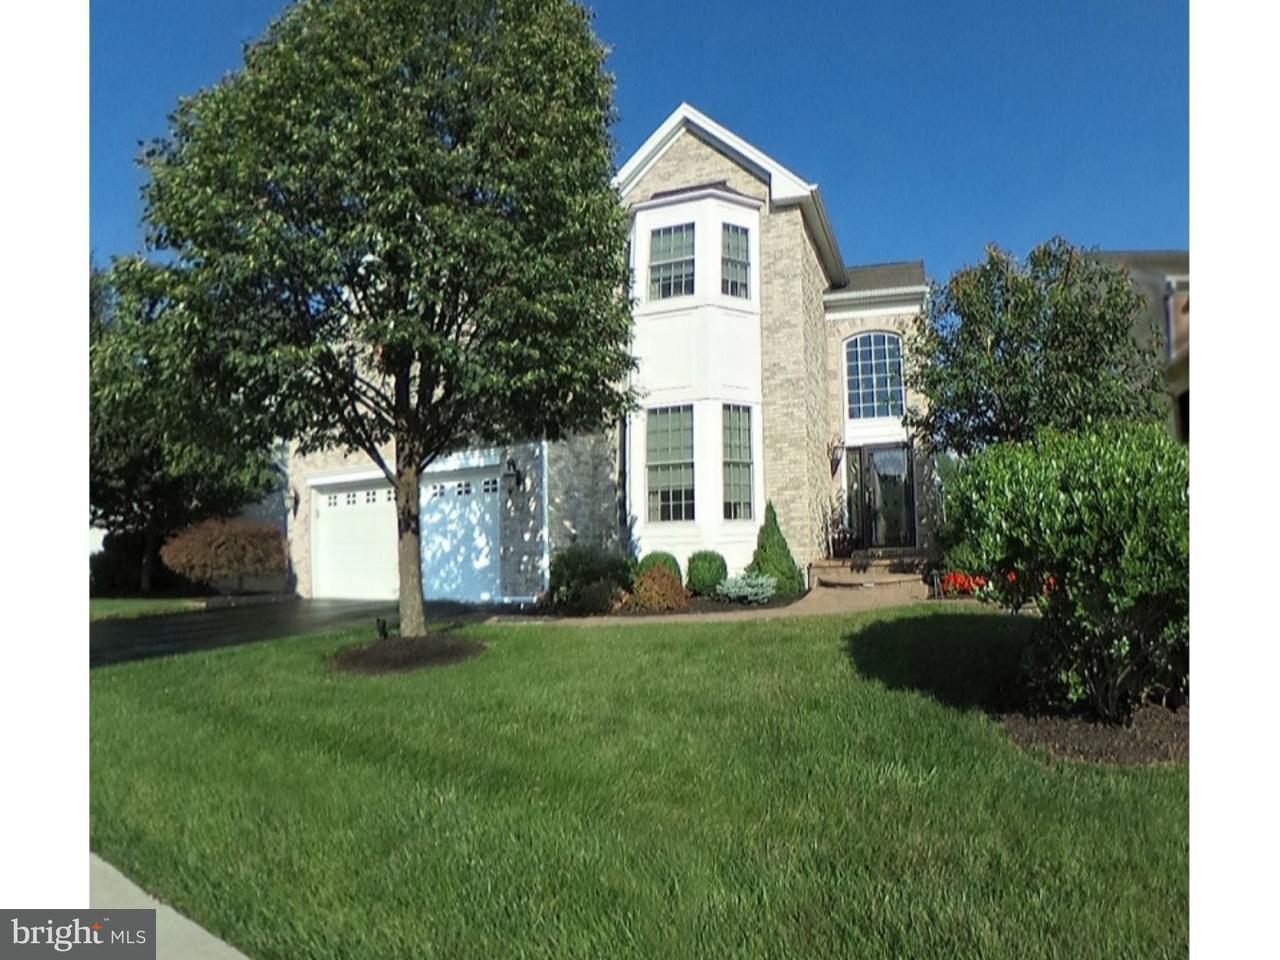 独户住宅 为 销售 在 115 ANDOVER Drive 肯德尔帕克, 新泽西州 08824 美国在/周边: South Brunswick Township